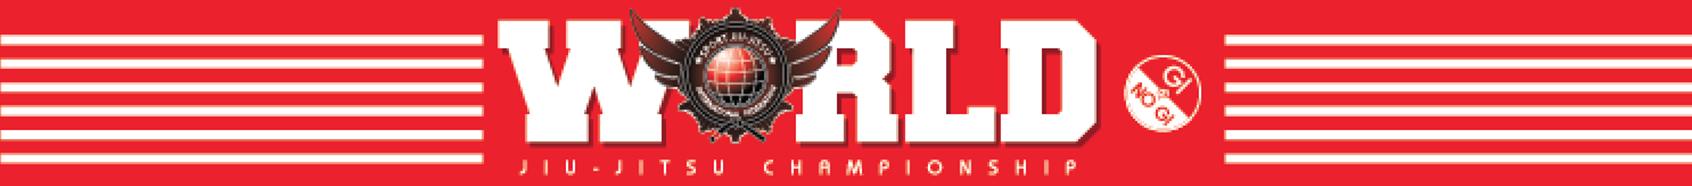 SJJIF World Jiu-Jitsu Championship 2017